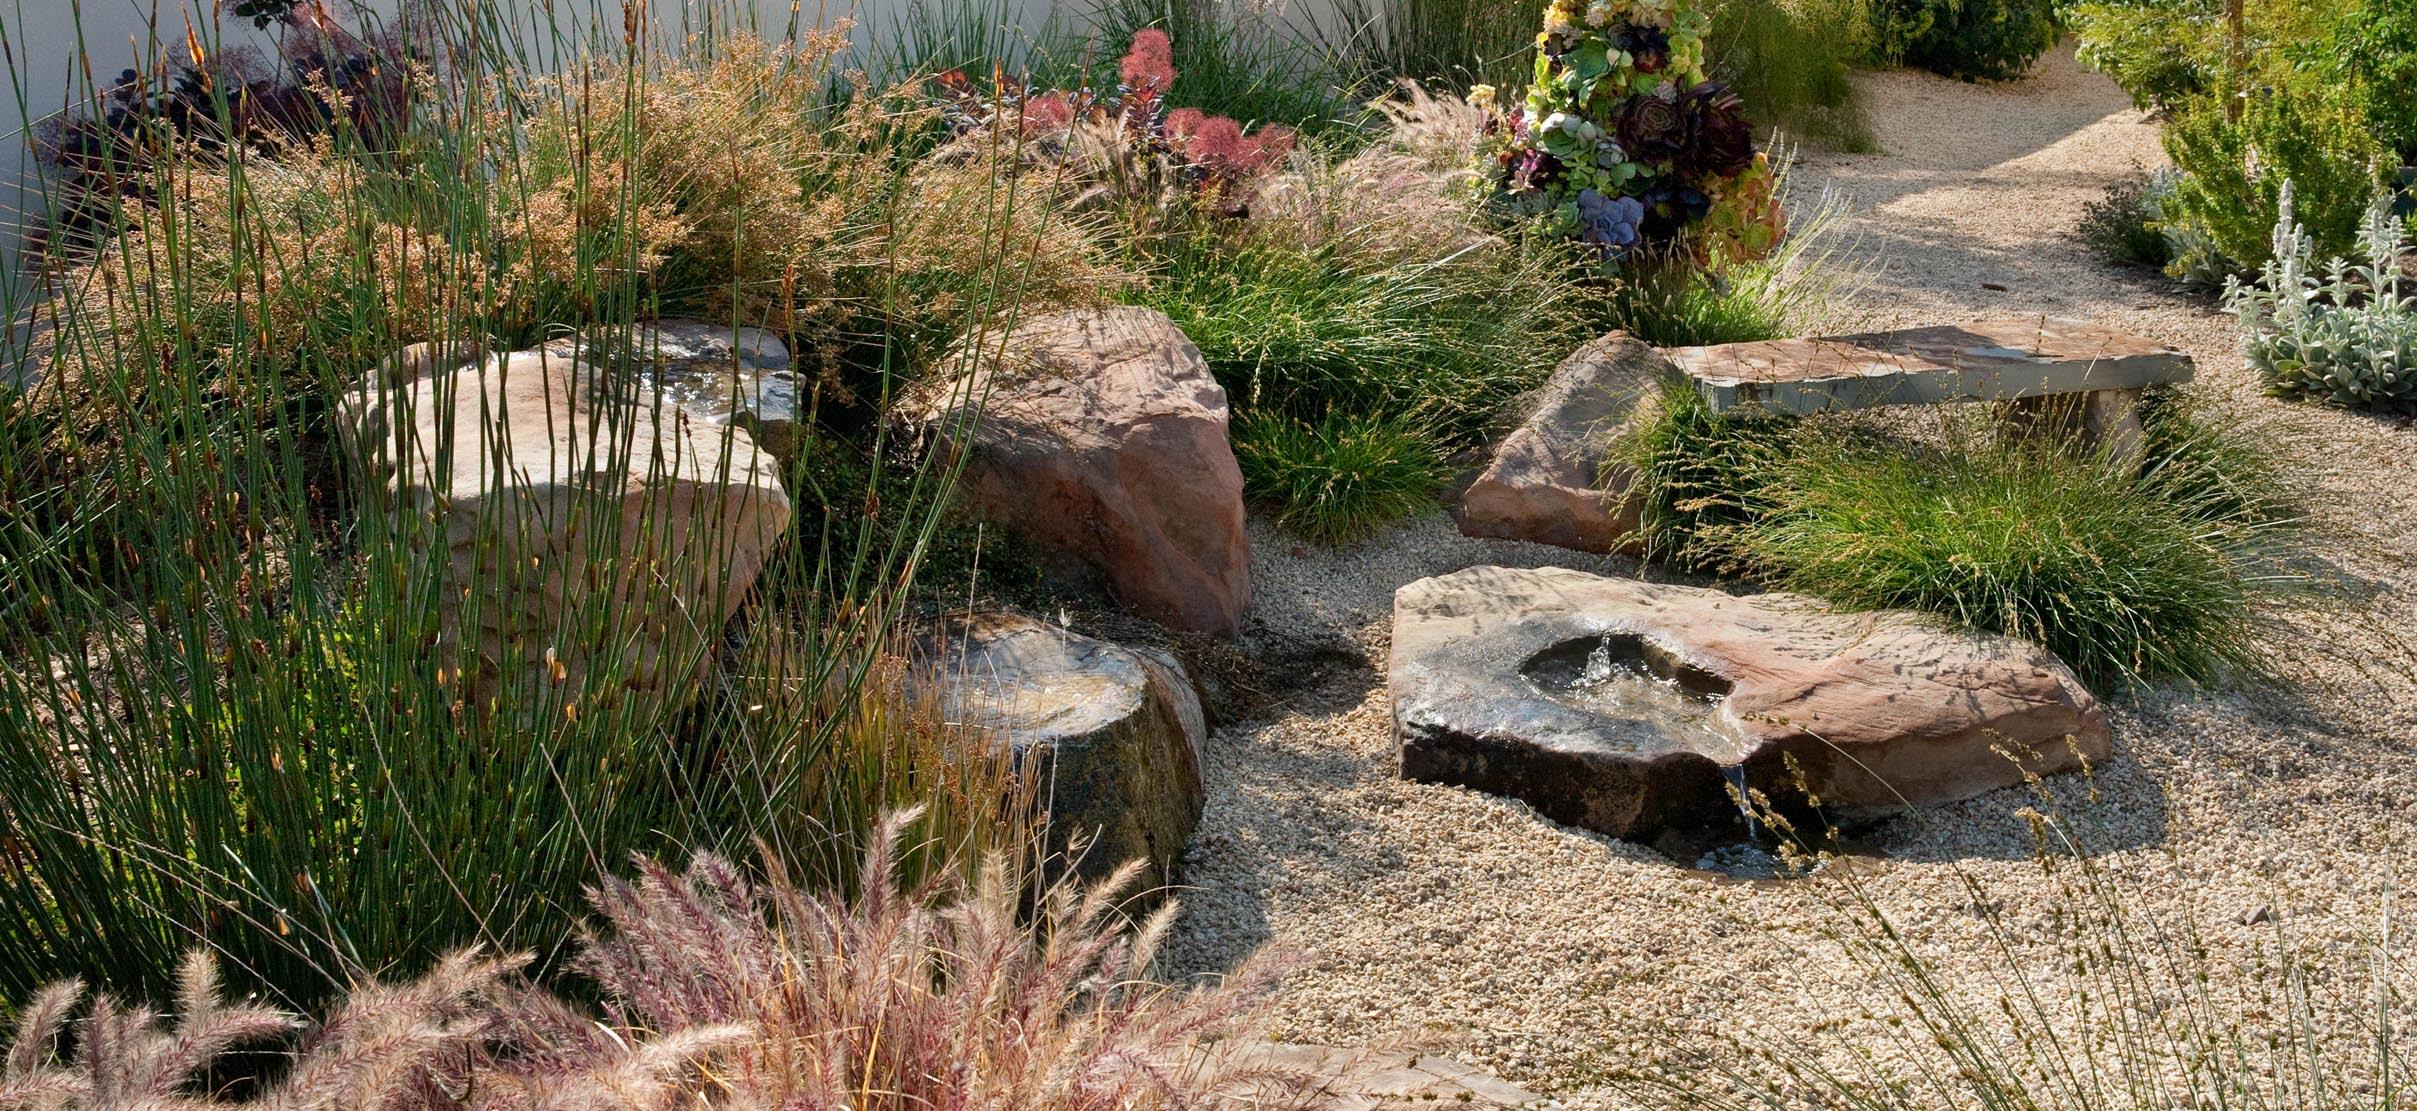 07-stone-fountain.jpg